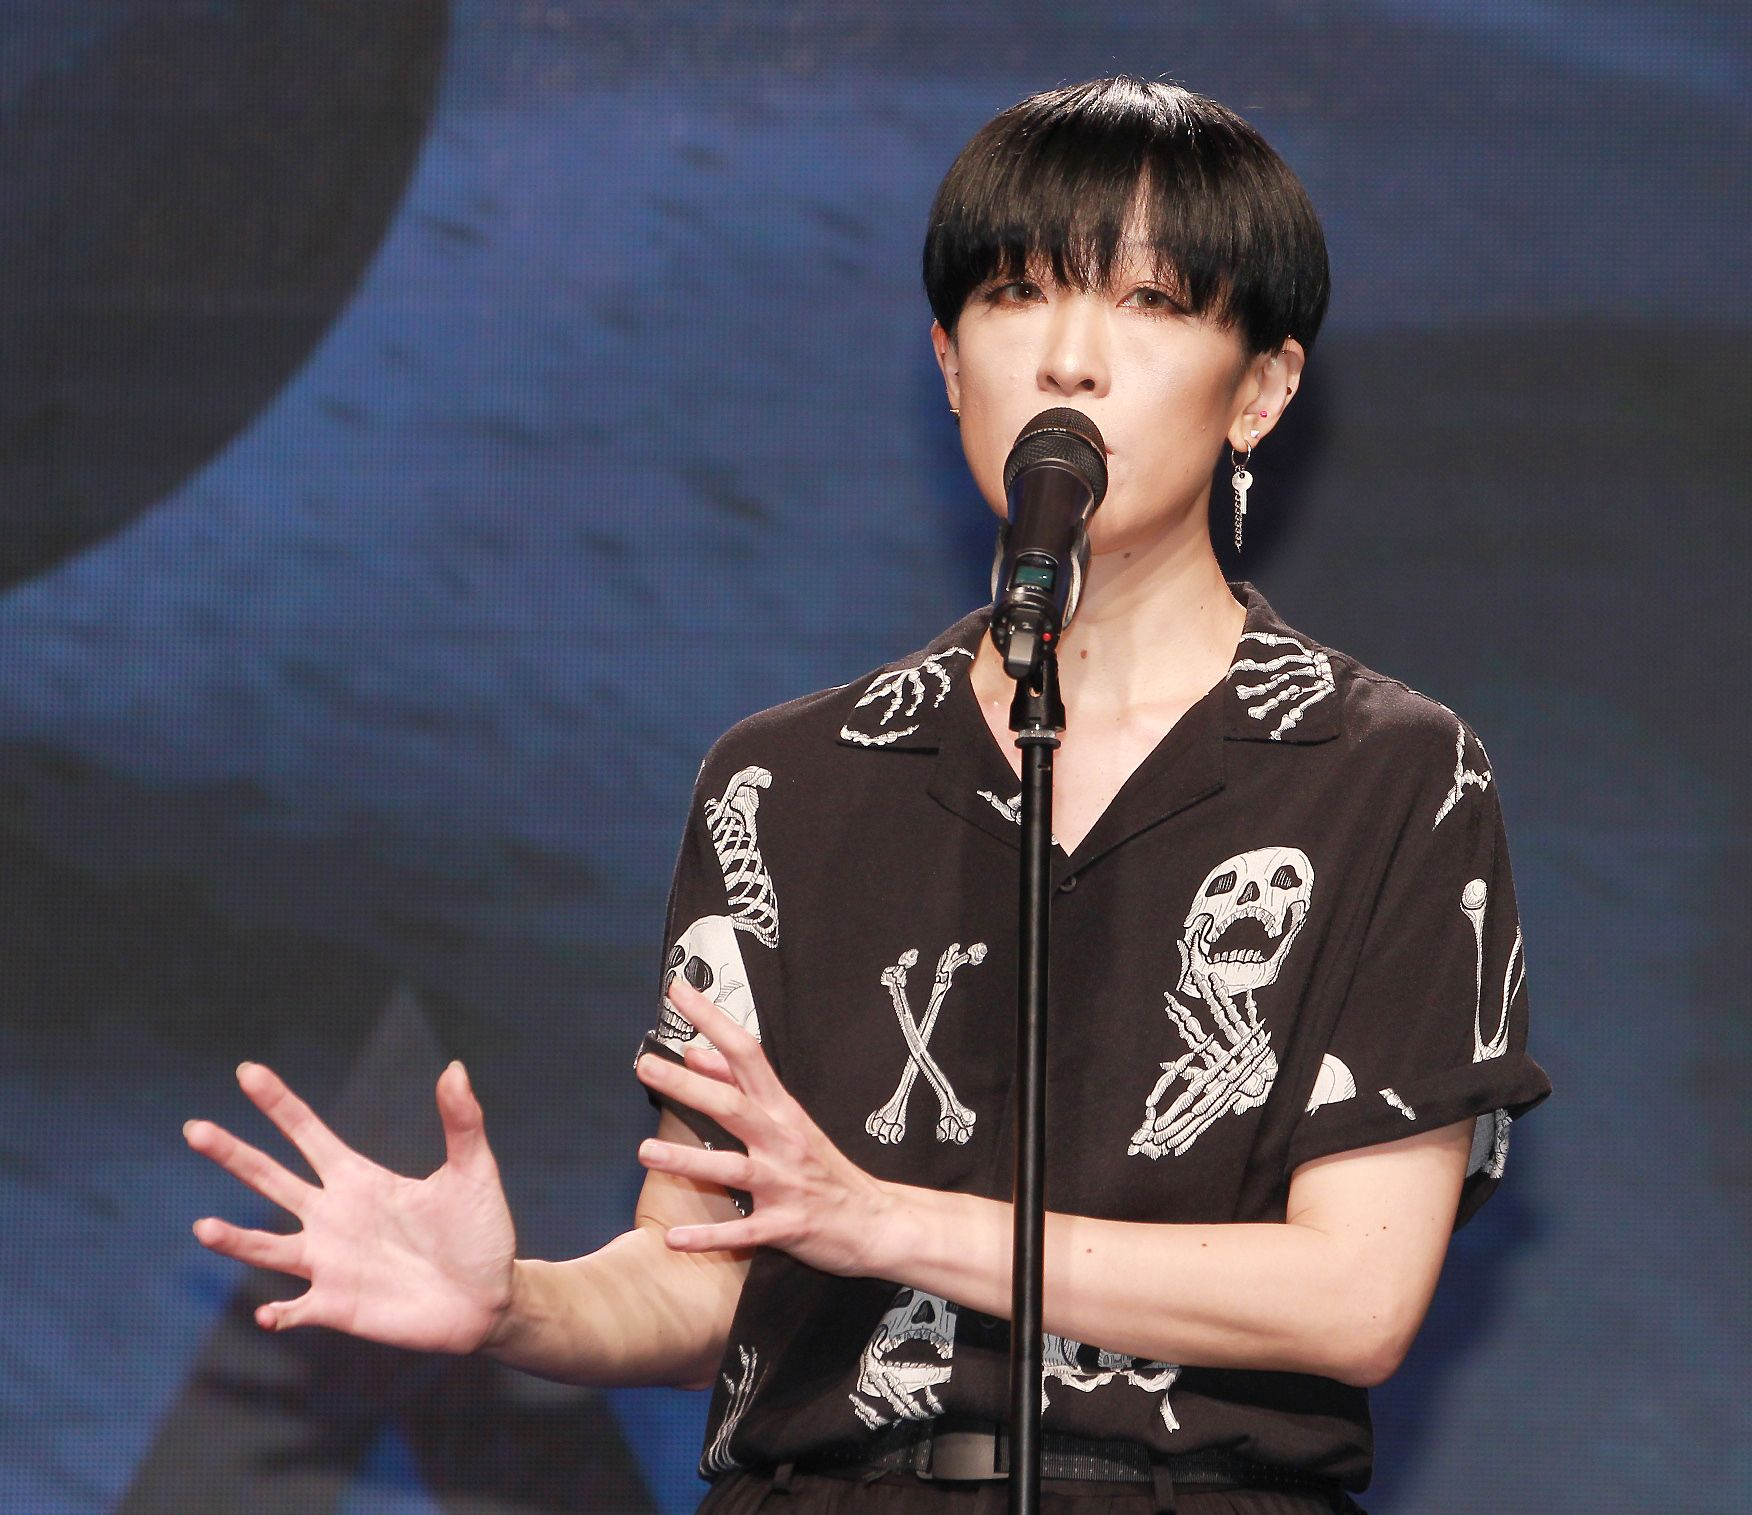 陳珊妮擔任第30屆金曲獎評審主席。(記者邱榮吉/攝影)